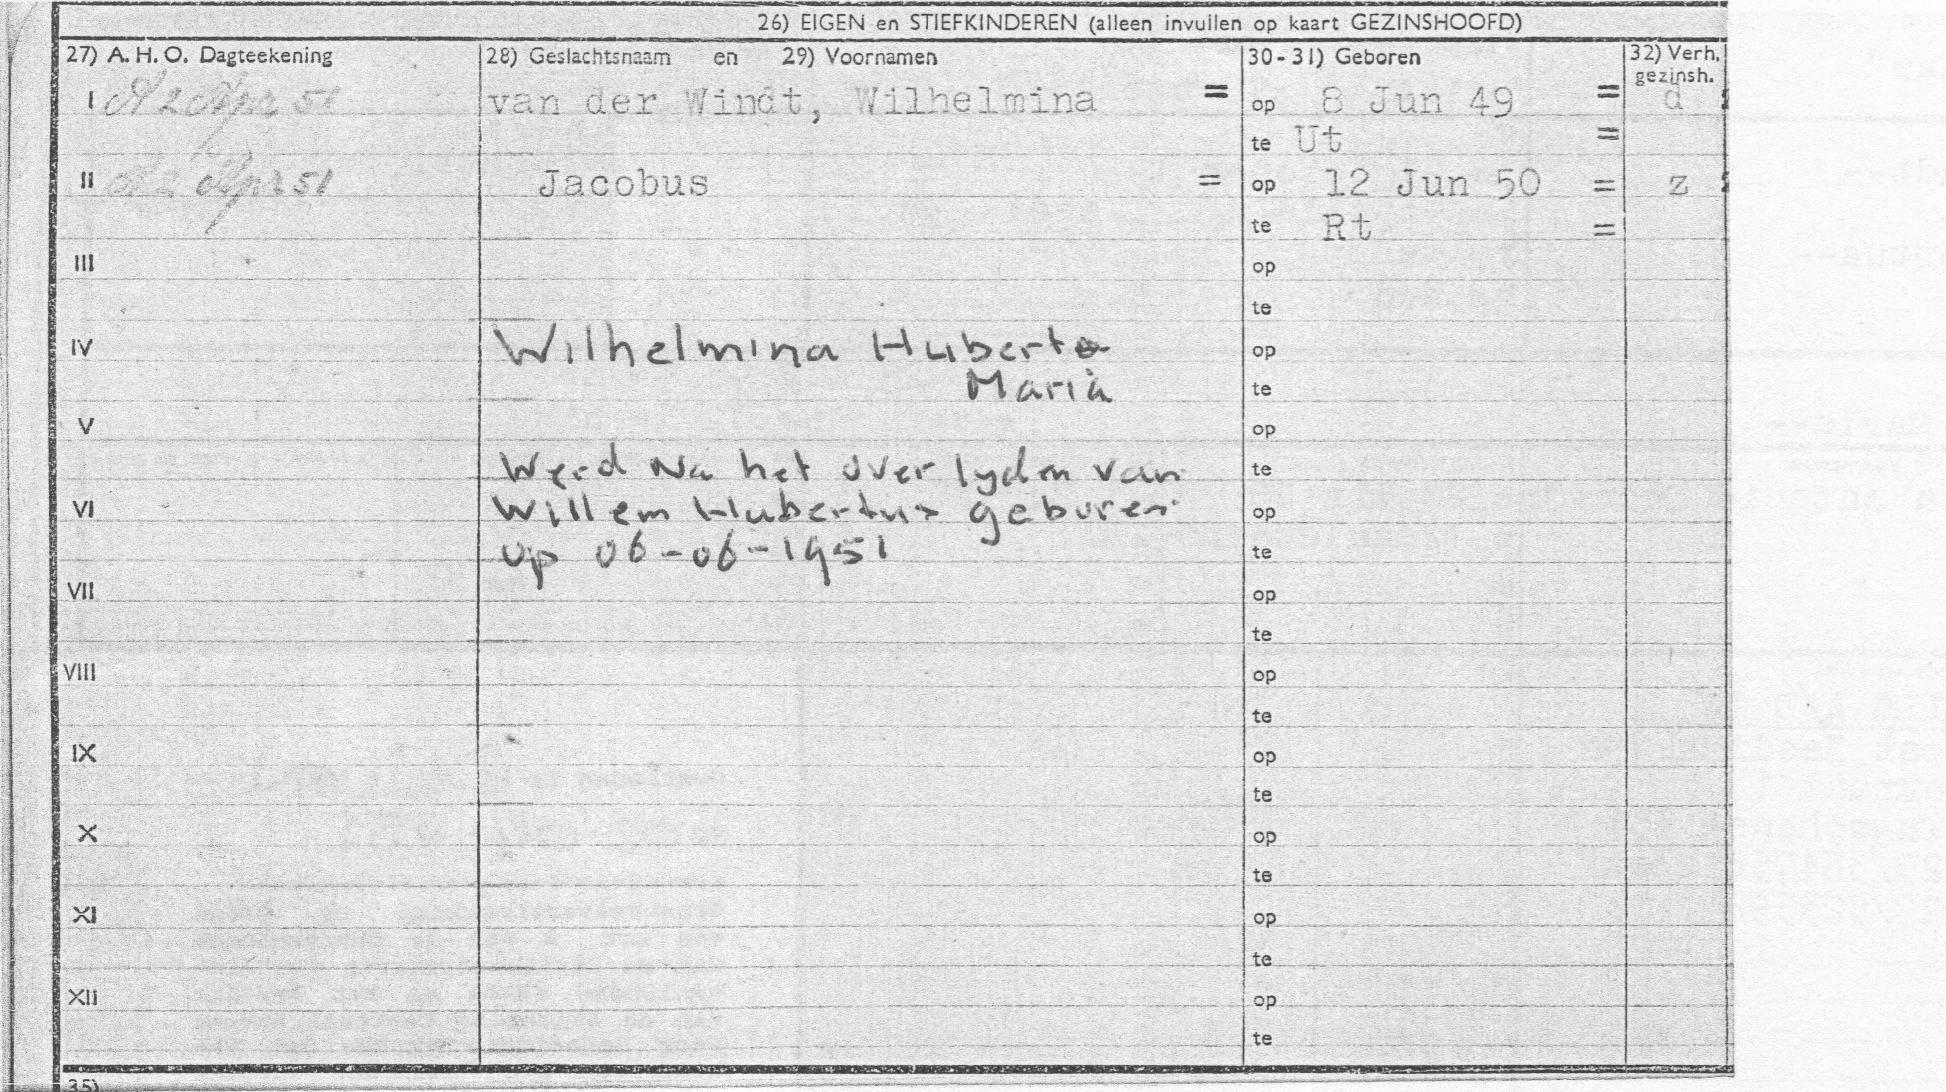 1922-10-31 Willem Hubertus van der Windt (Persoonskaart achterkant)